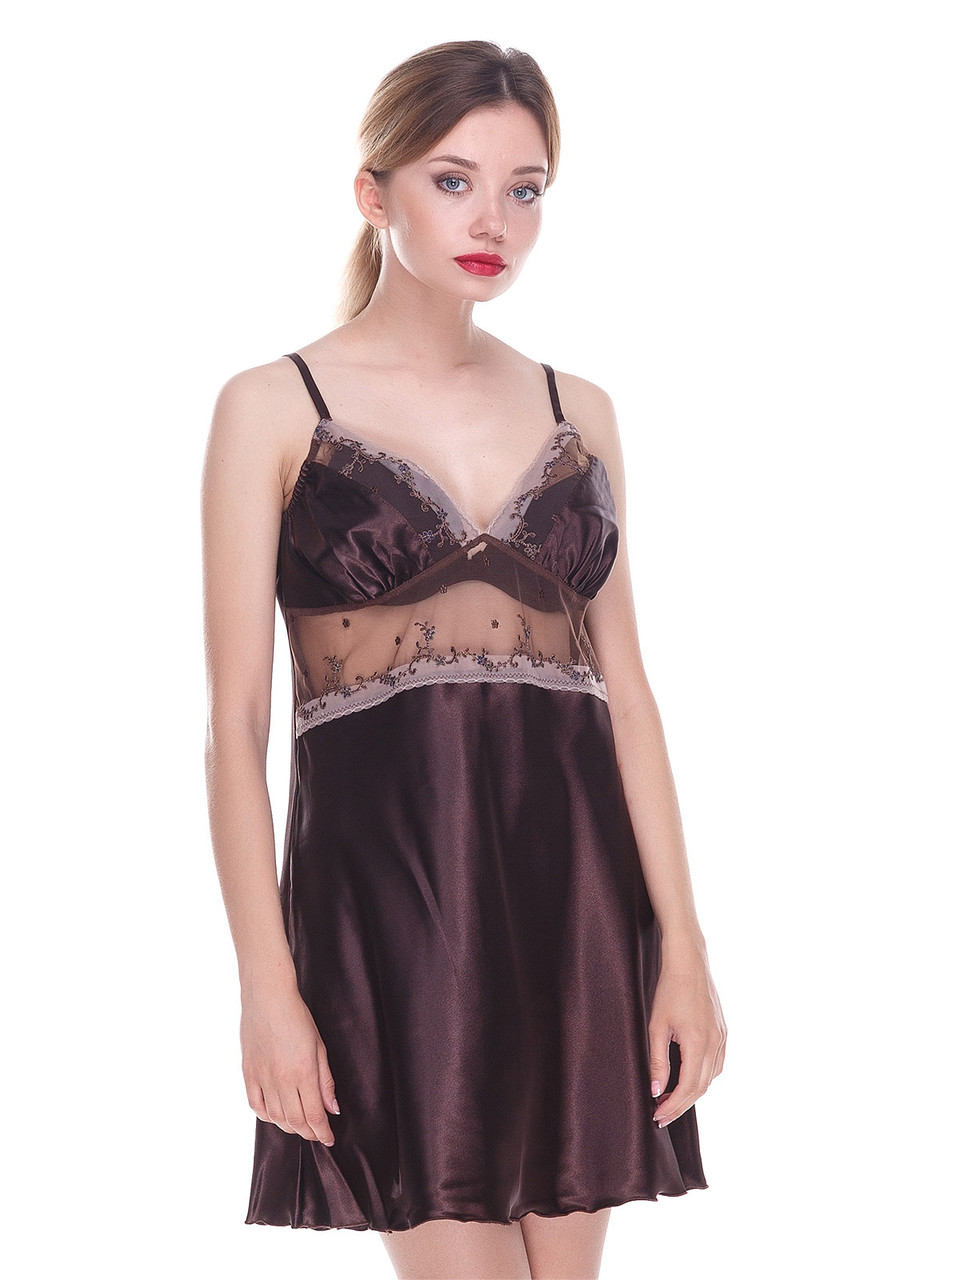 Сорочка Serenade стрейч атлас коричневый с кружевом